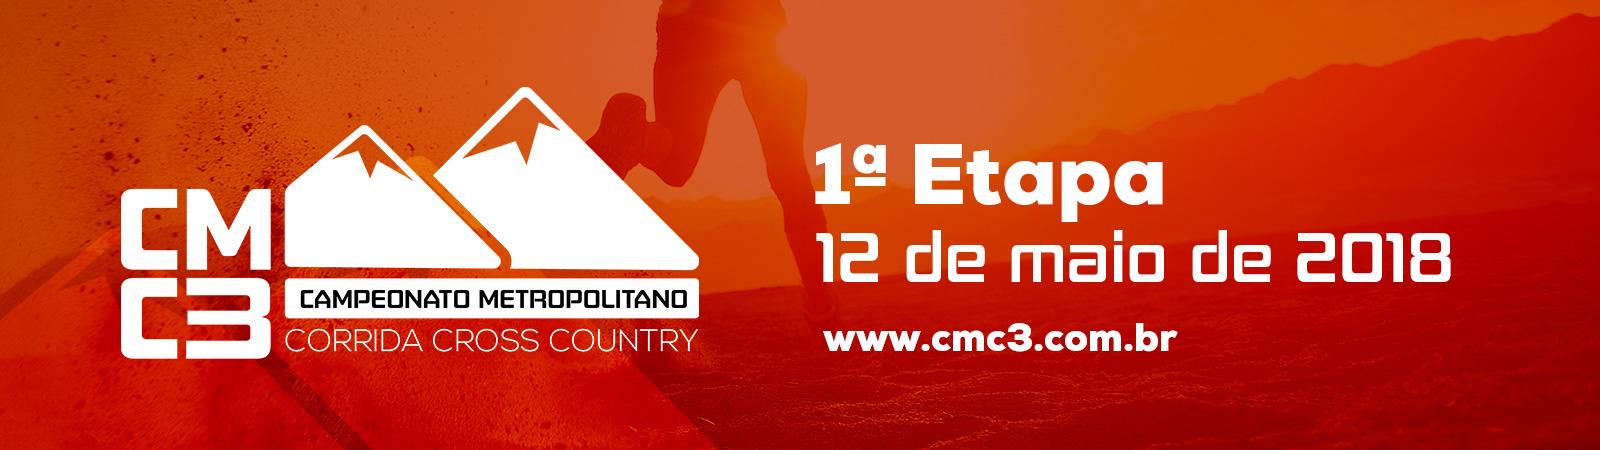 CMC3 - CAMPEONATO METROPOLITANO DE CORRIDA CROSS COUNTRY - 1ª ETAPA